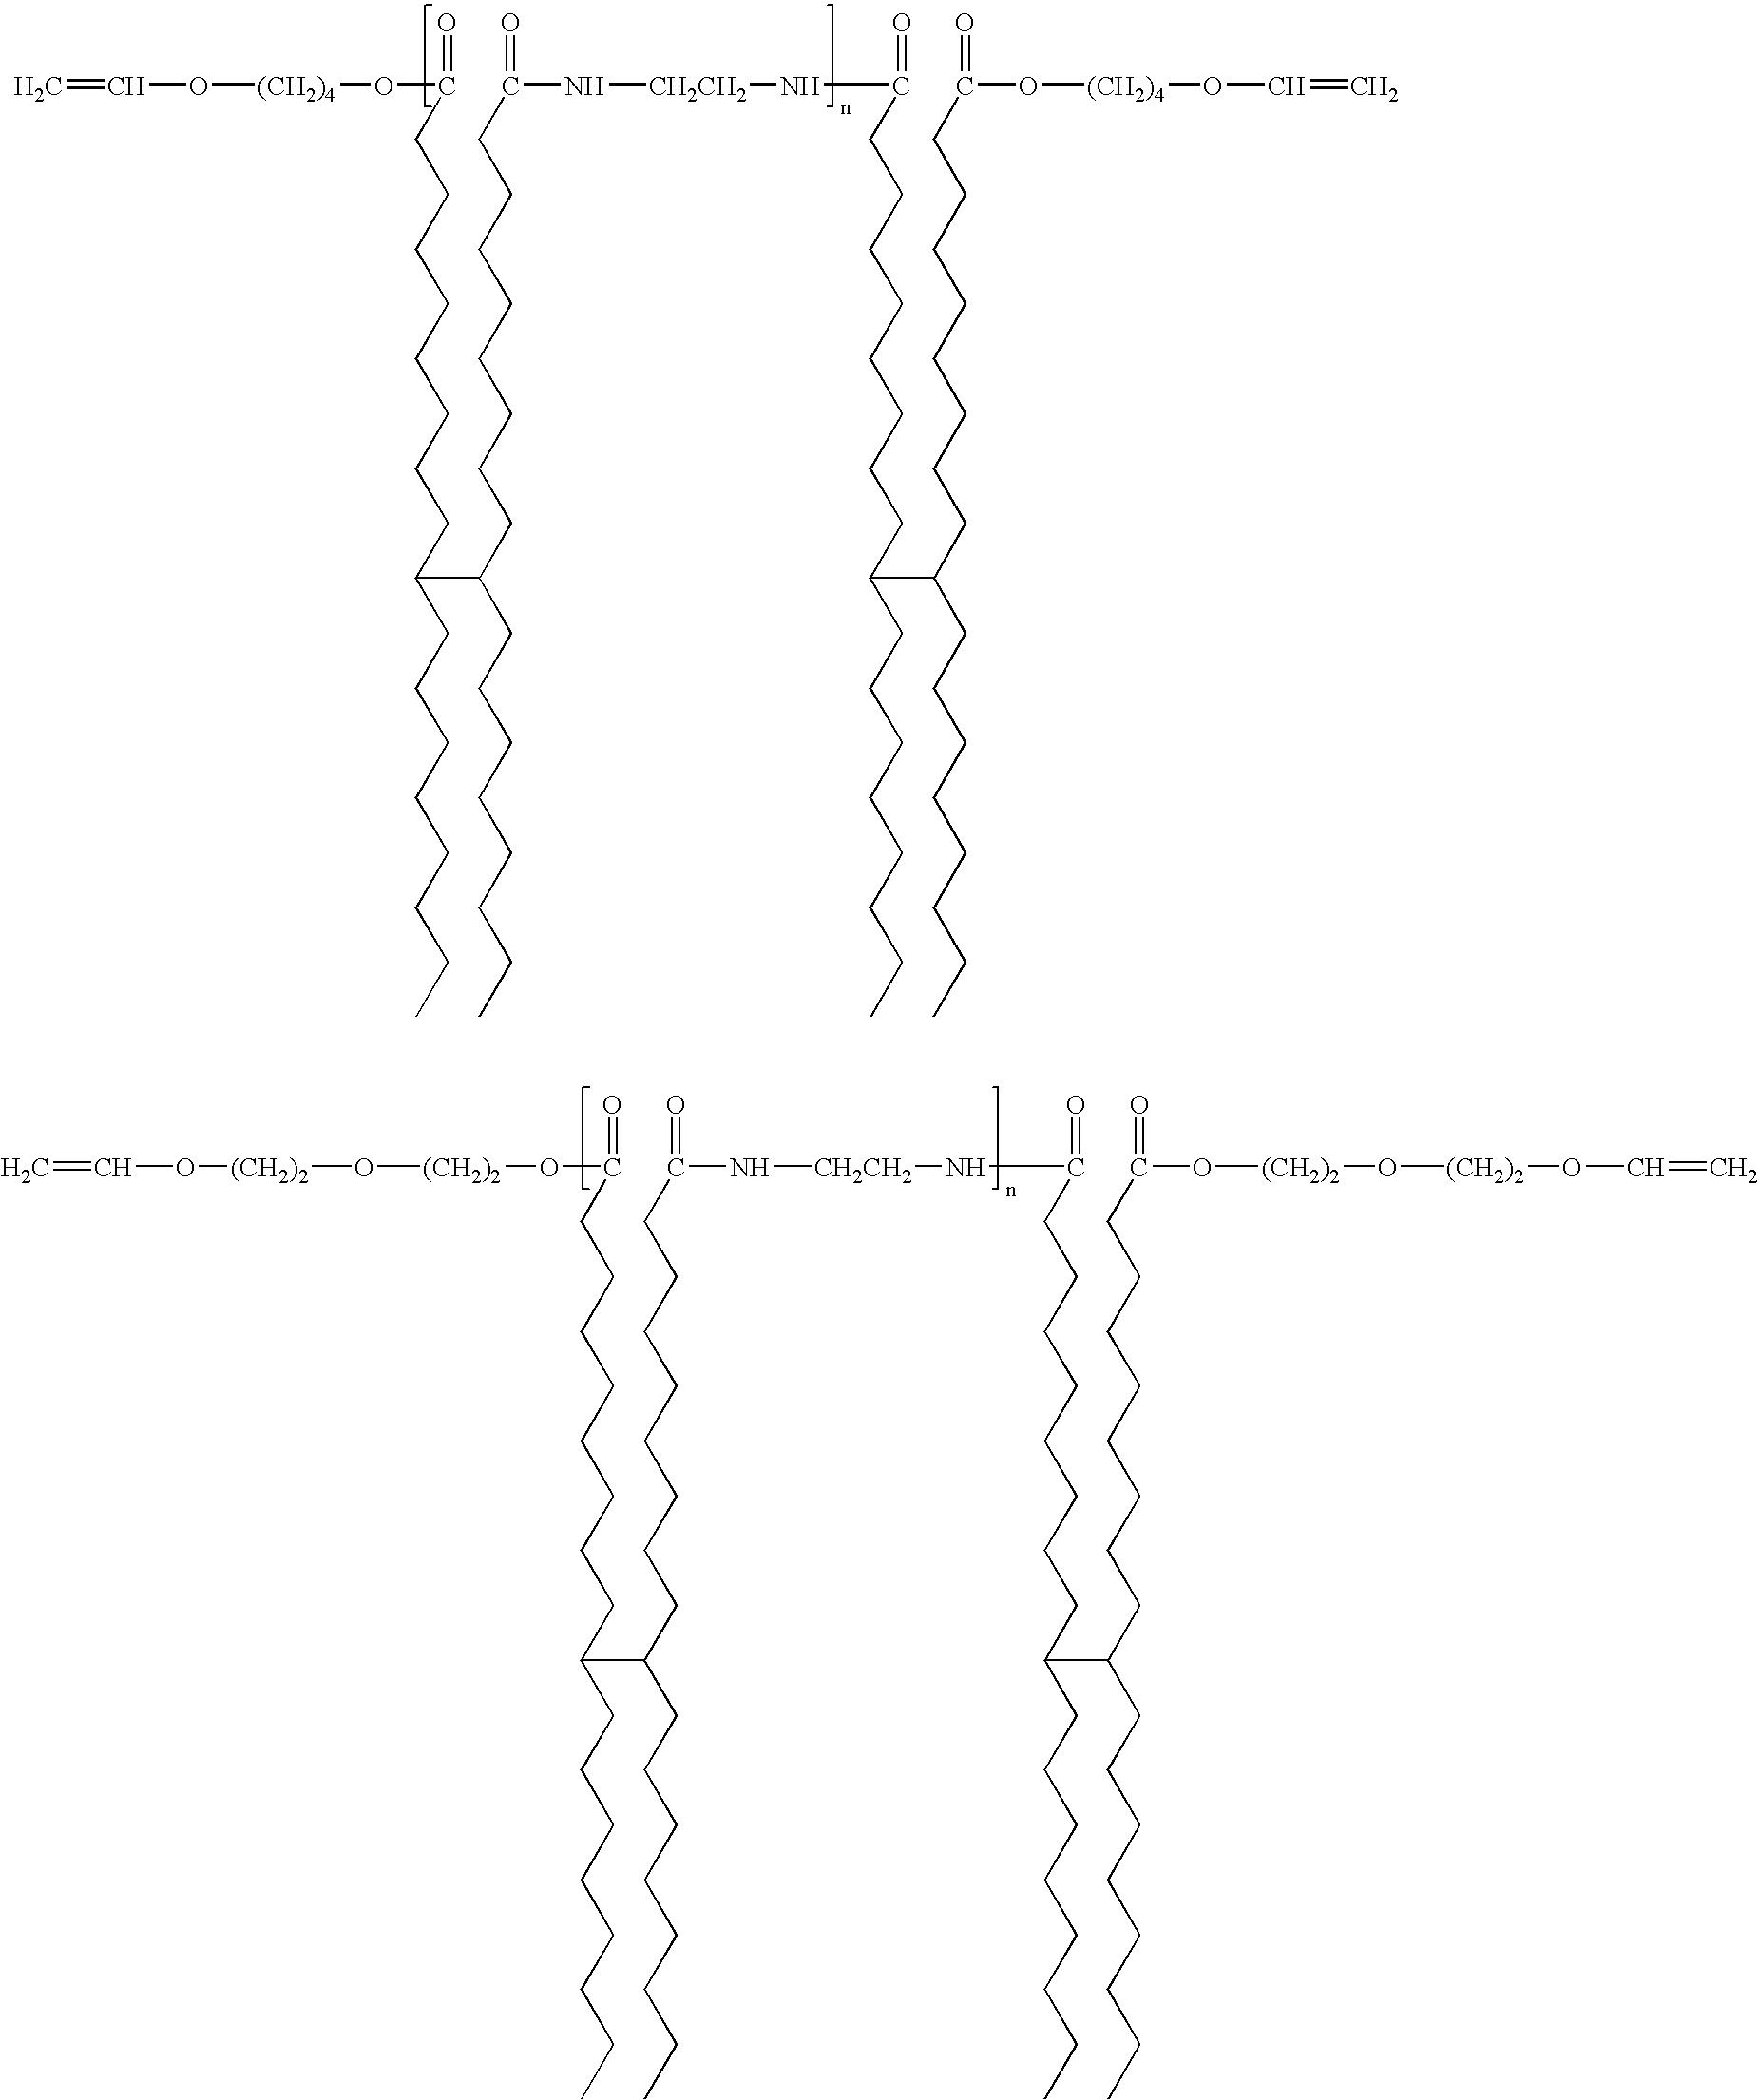 Figure US20070123724A1-20070531-C00067